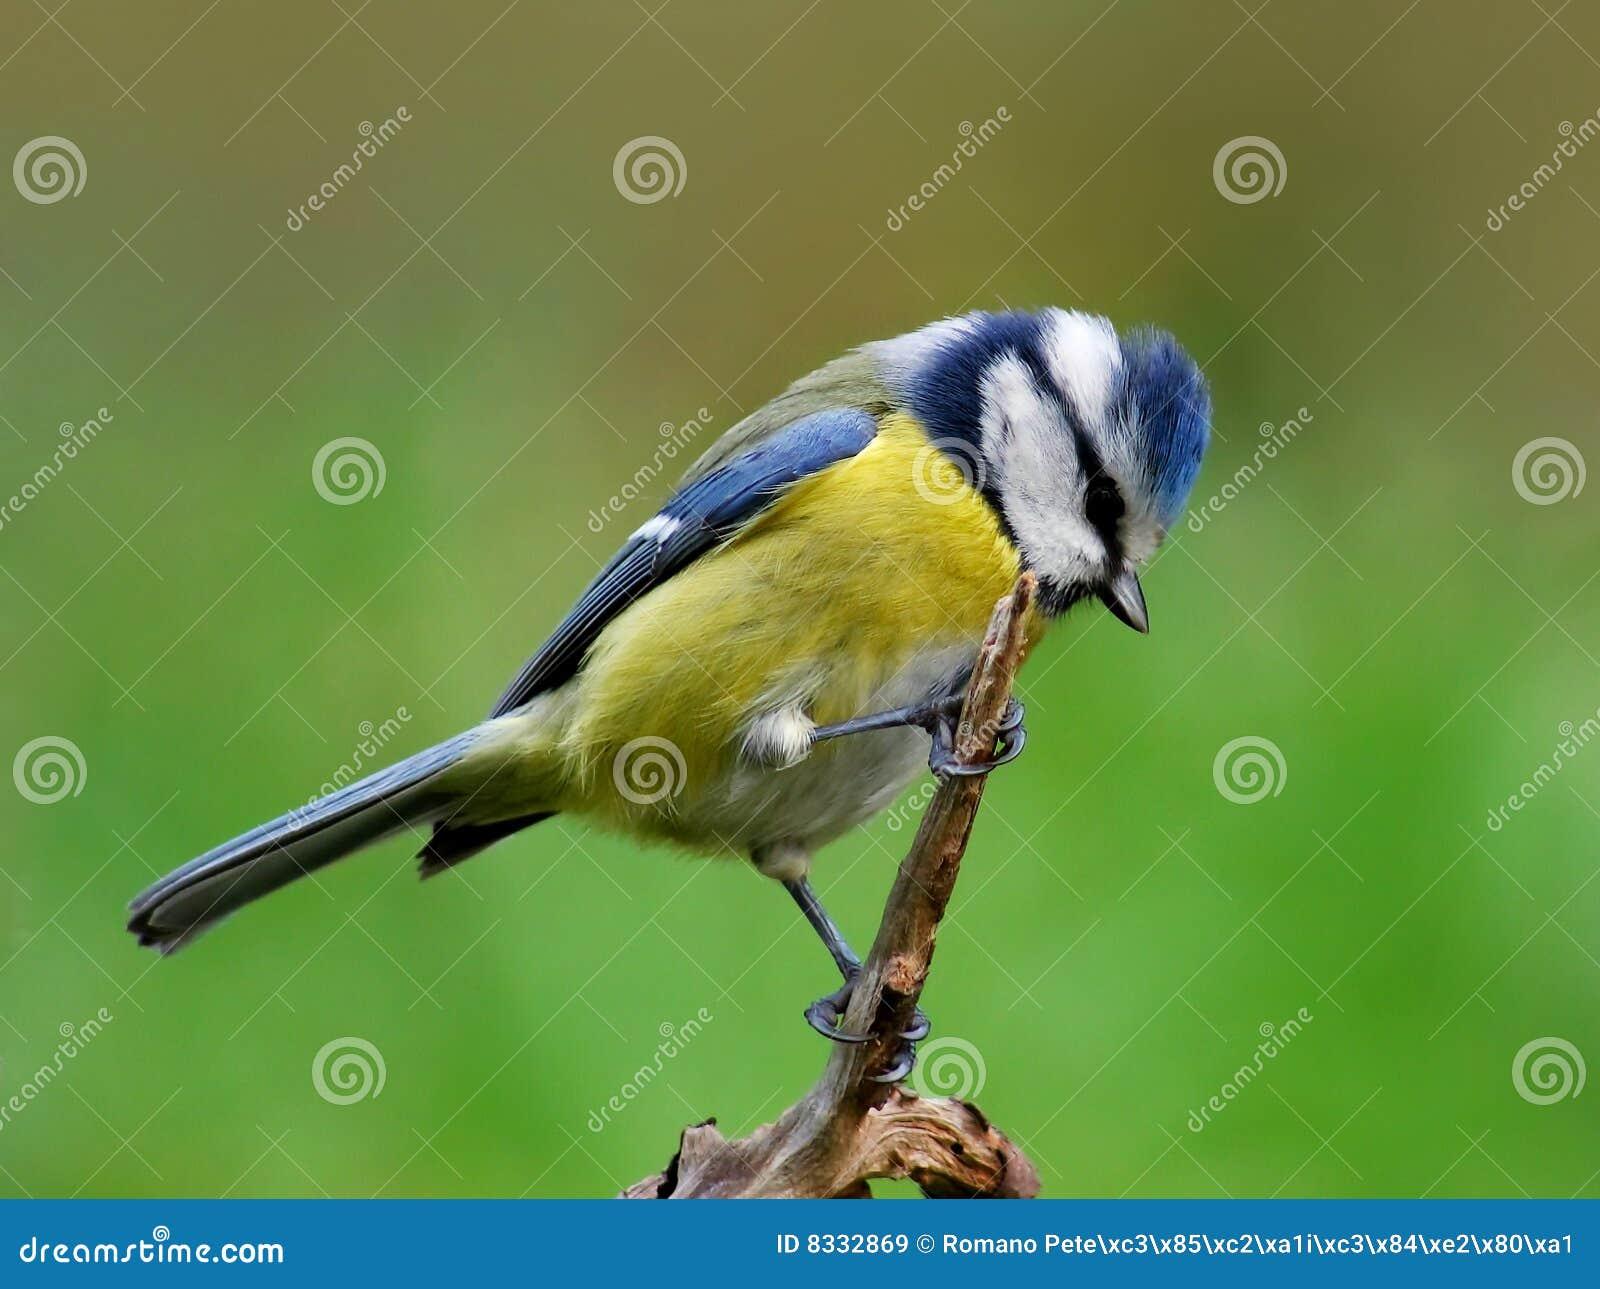 蓝冠山雀医疗报销阴虱可以的吗图片